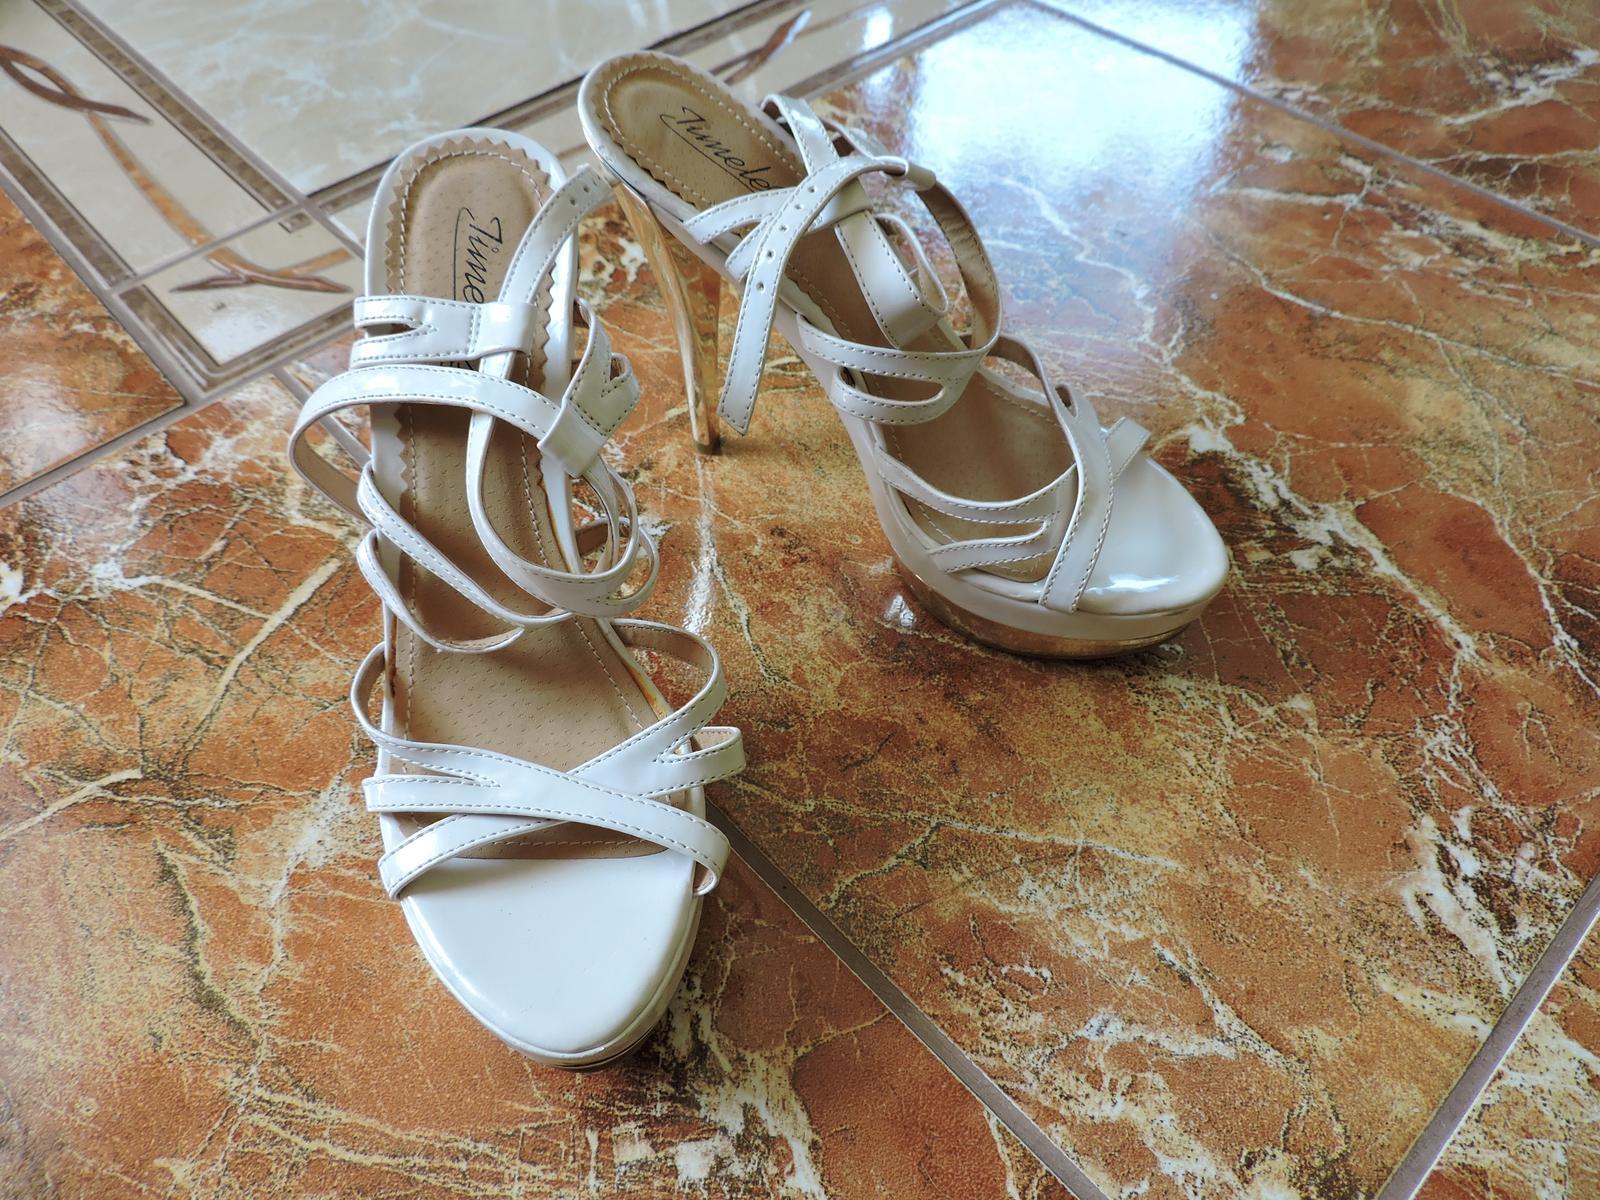 biele sandále so zlatou podrážkou - Obrázok č. 1